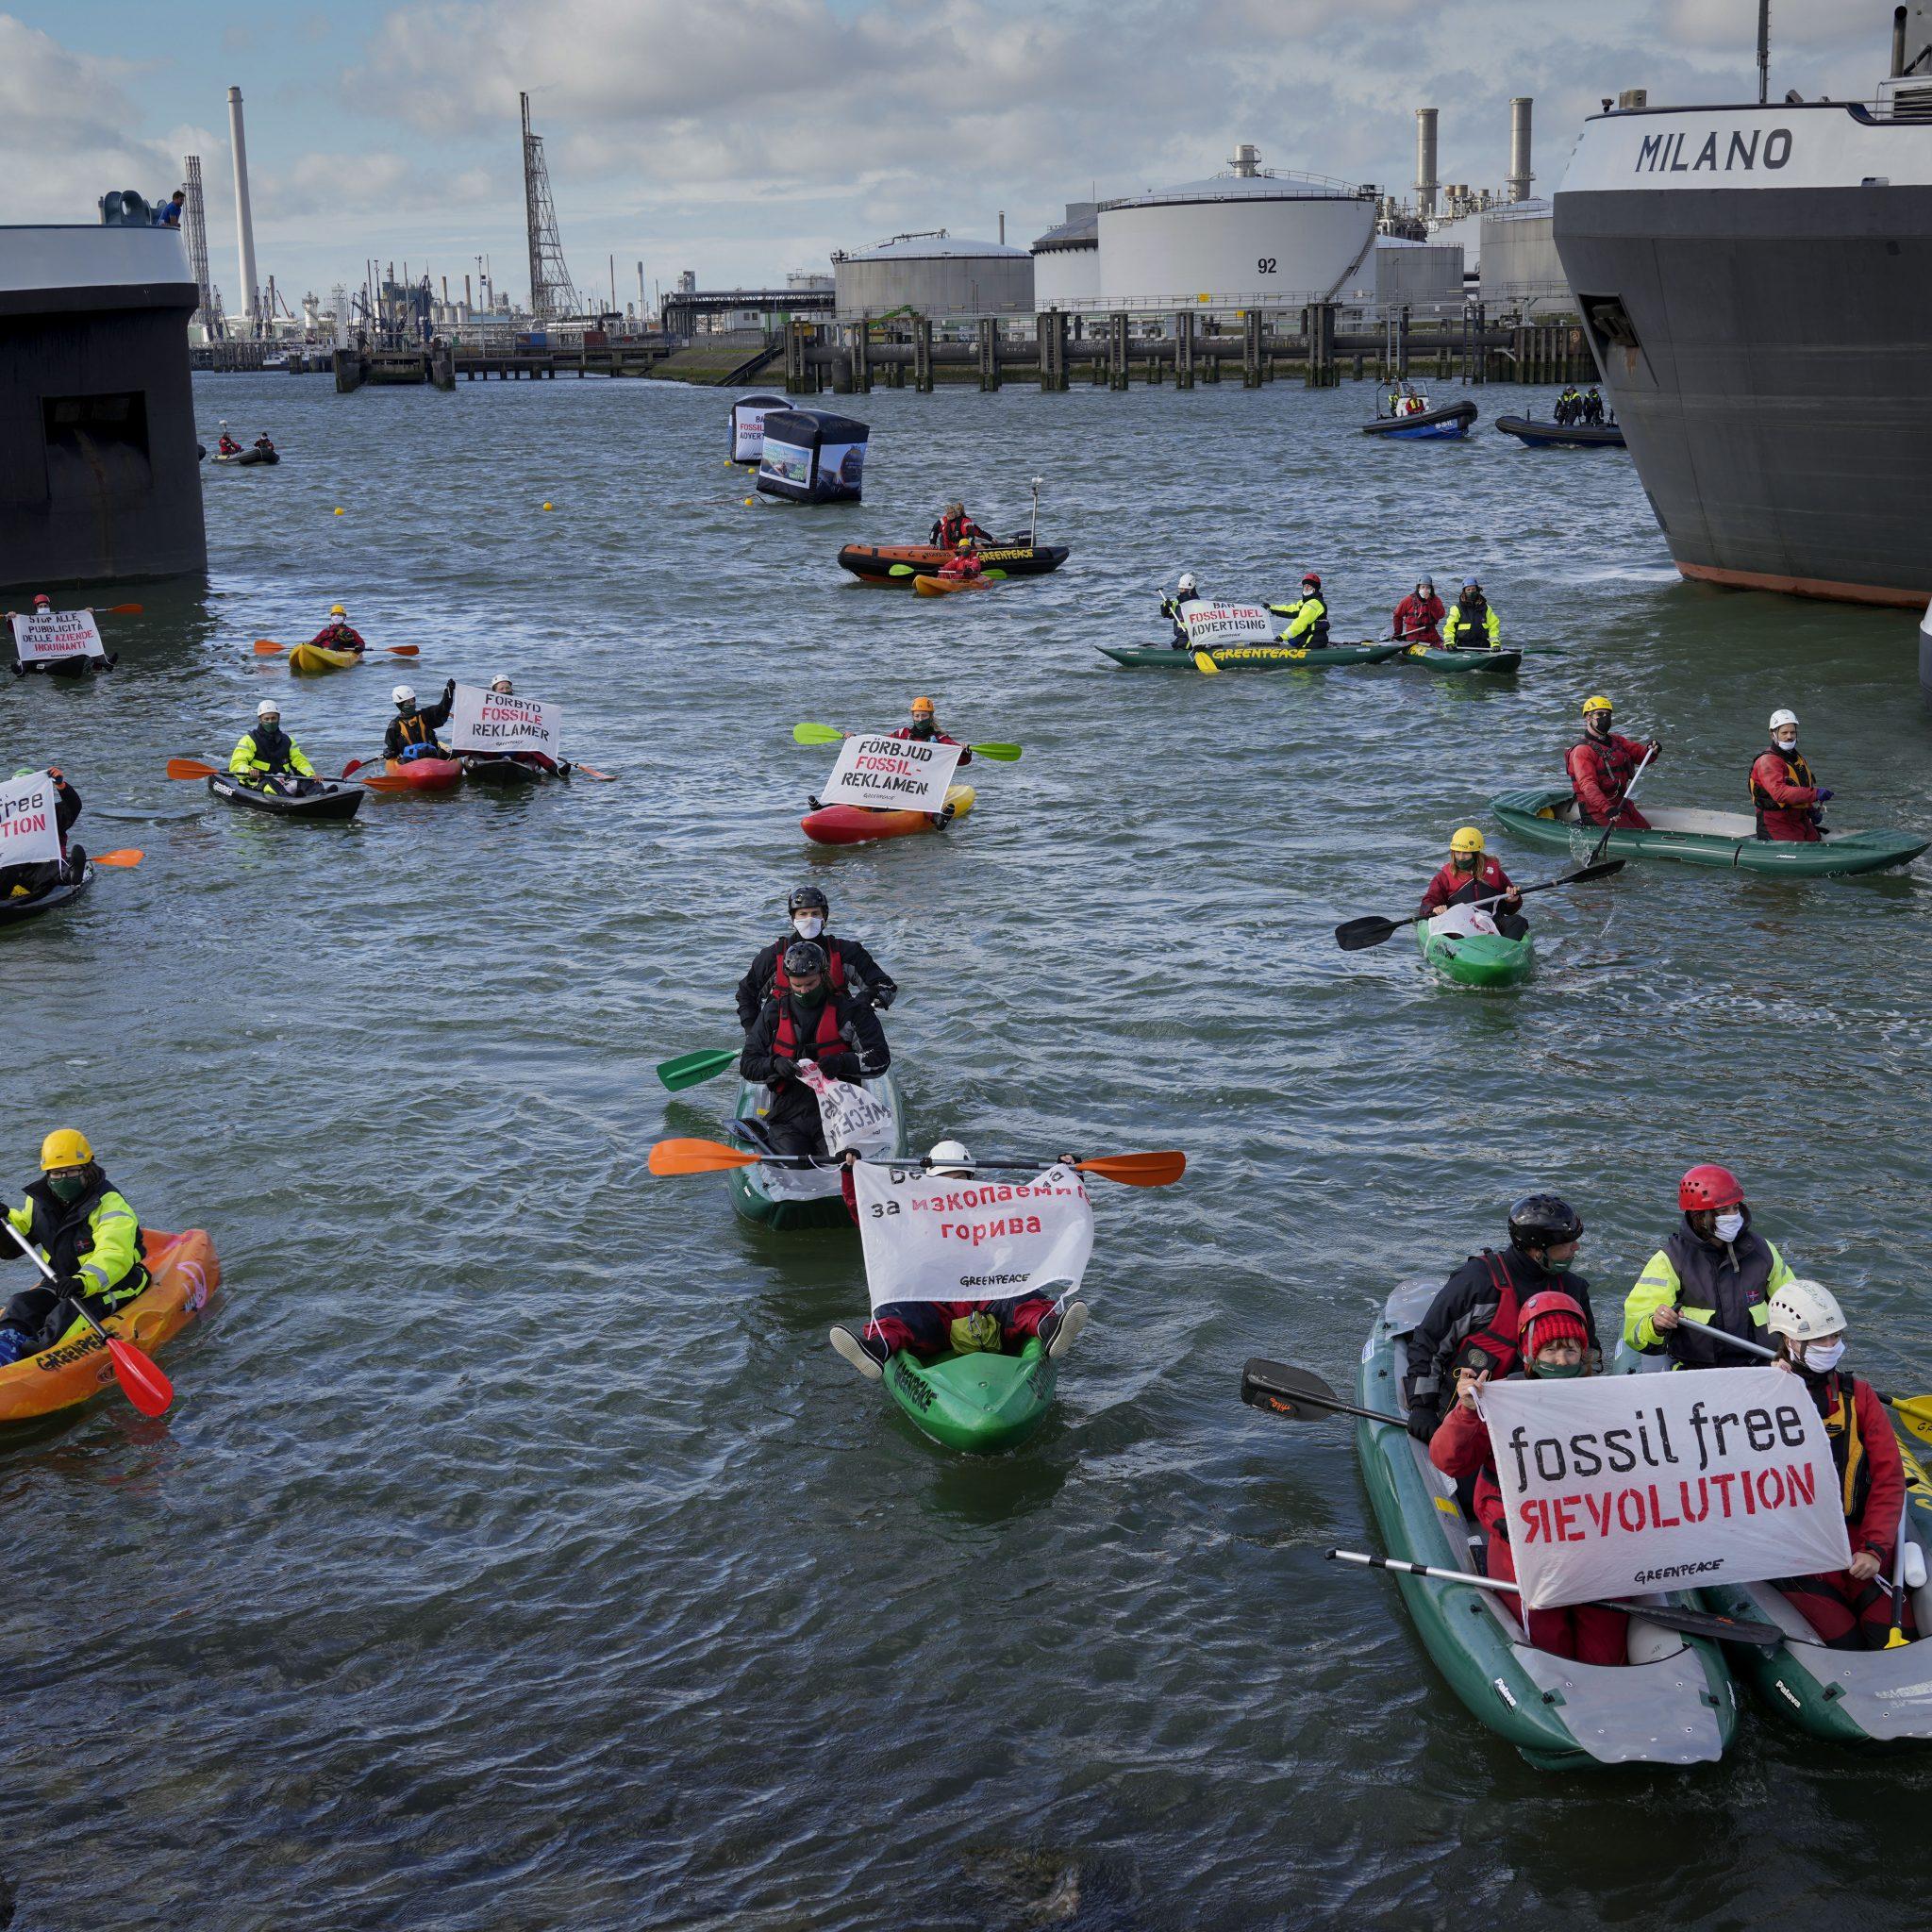 Het protest van Greenpeace zorgde voor hinder voor de scheepvaart. (Foto AP Photo/Peter Dejong)